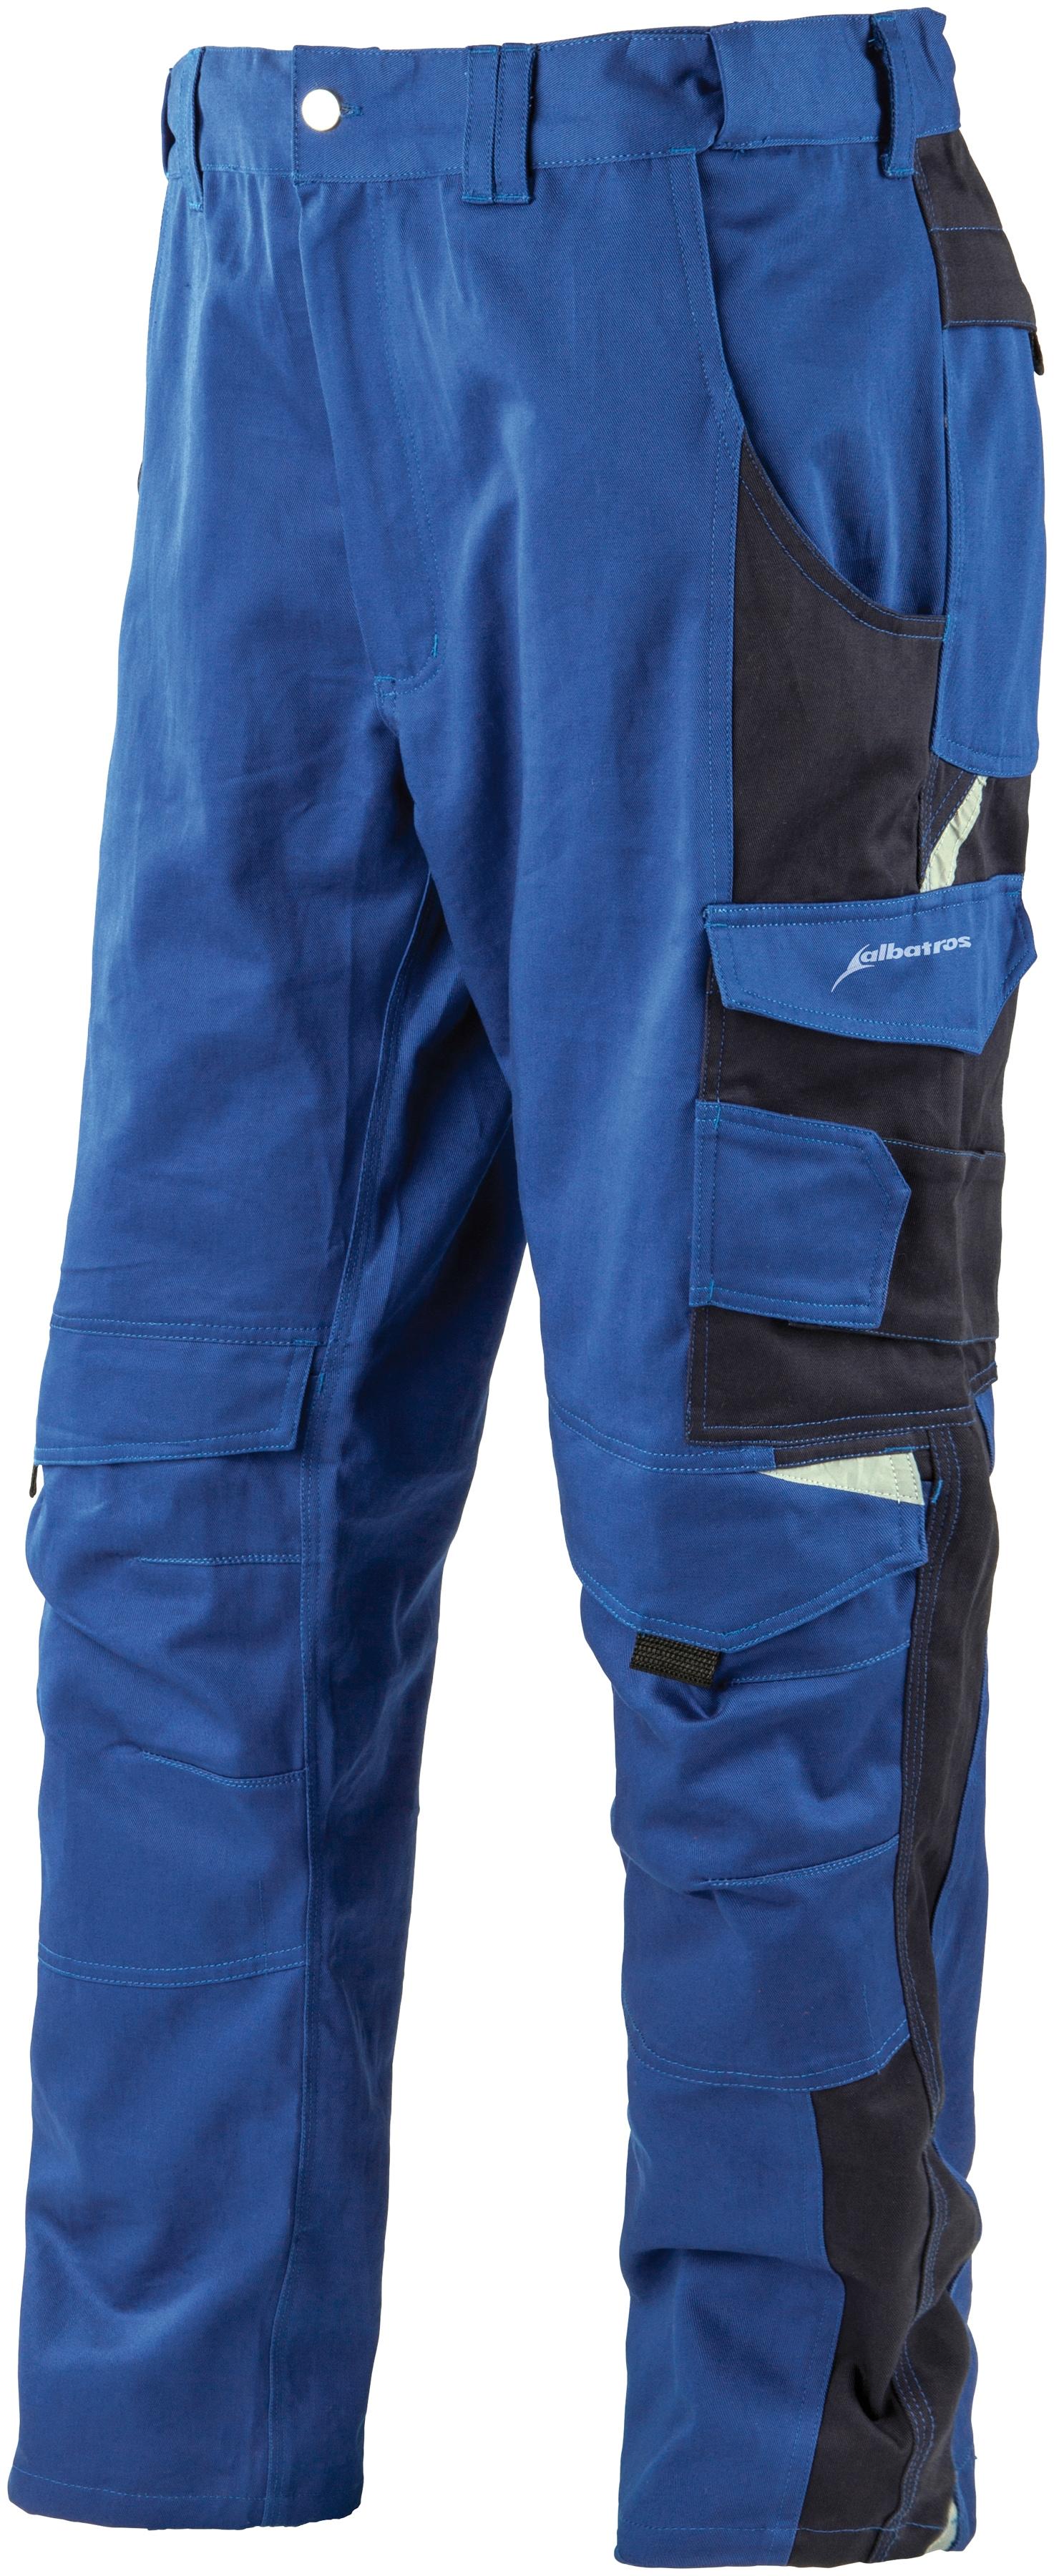 Albatros Arbeitshose Profi Line, mit reflektierenden Elementen blau Arbeitshosen Arbeits- Berufsbekleidung